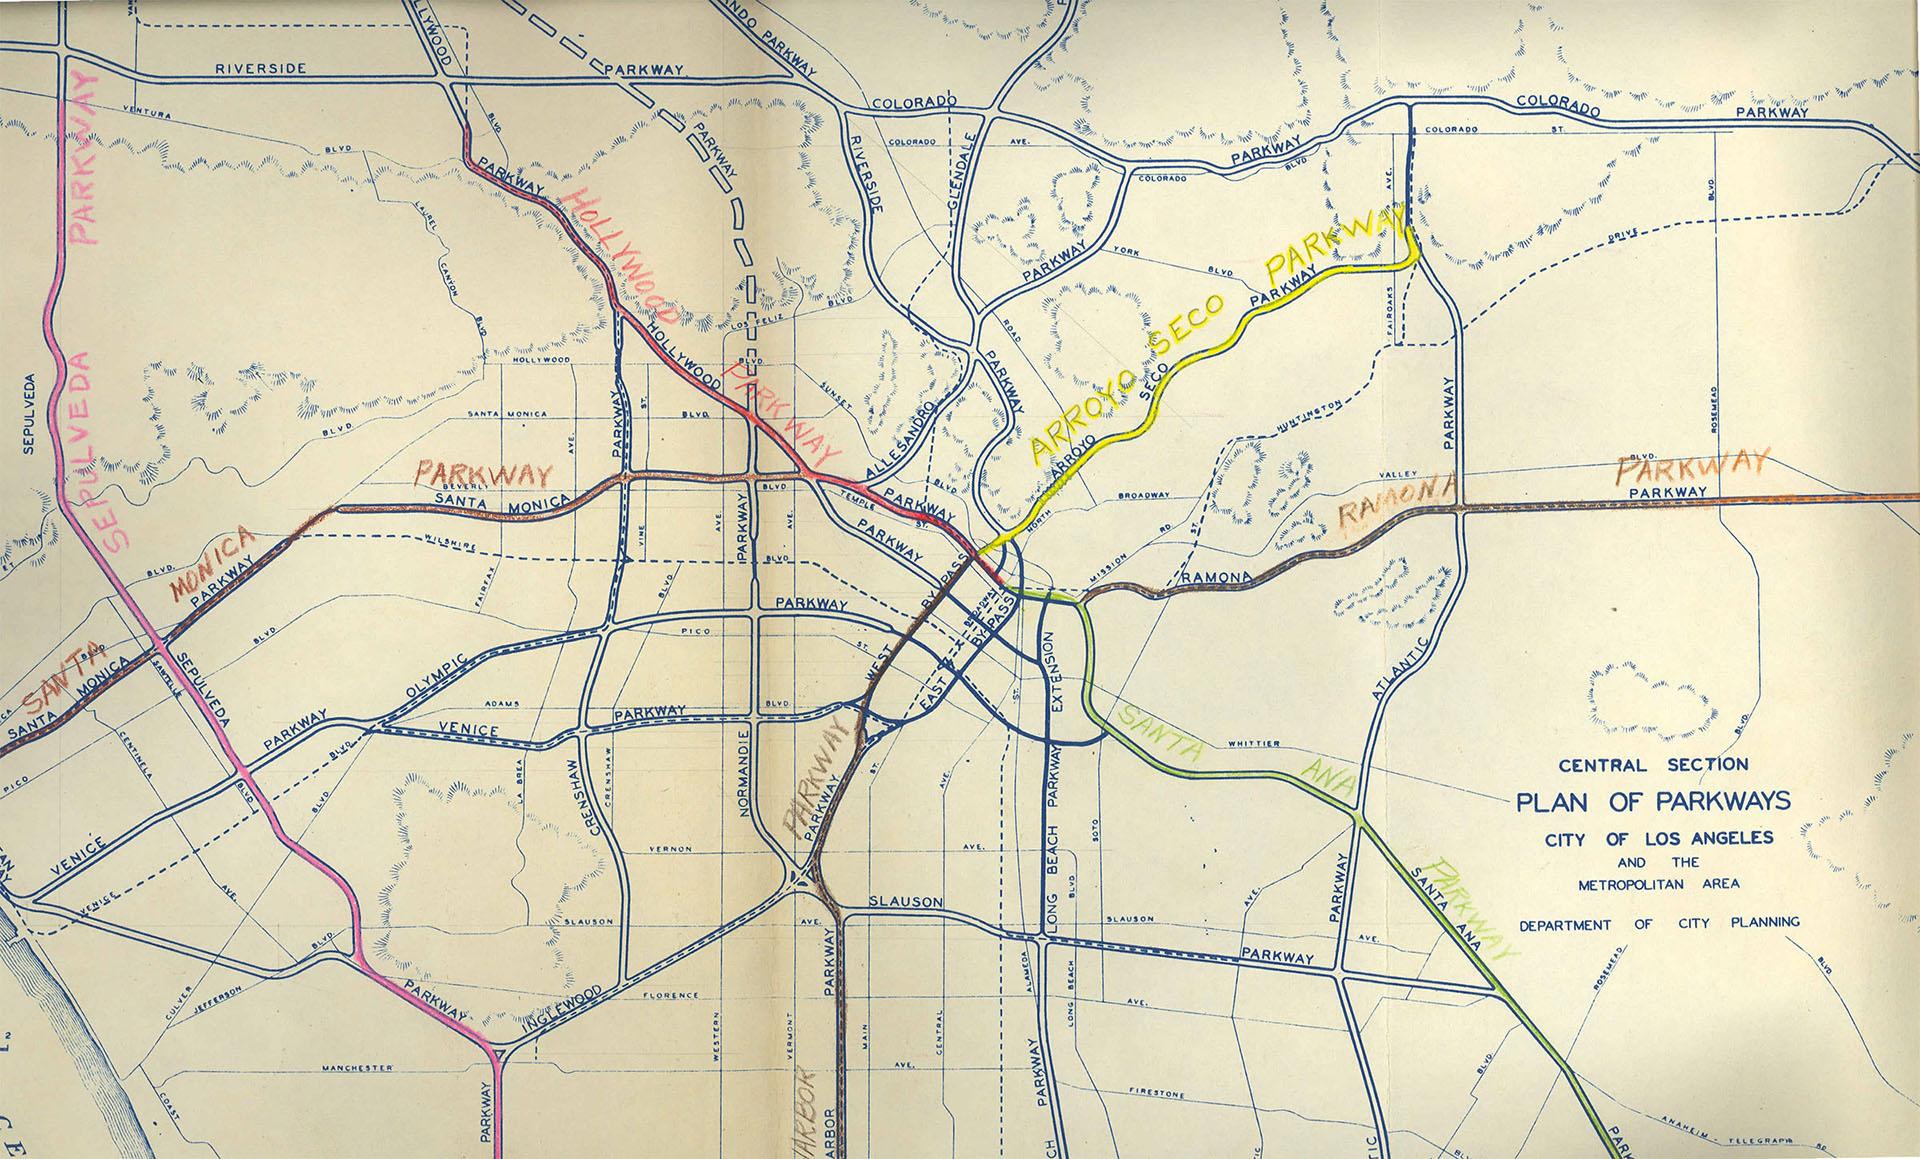 1939_parkway_plan_1920.jpg